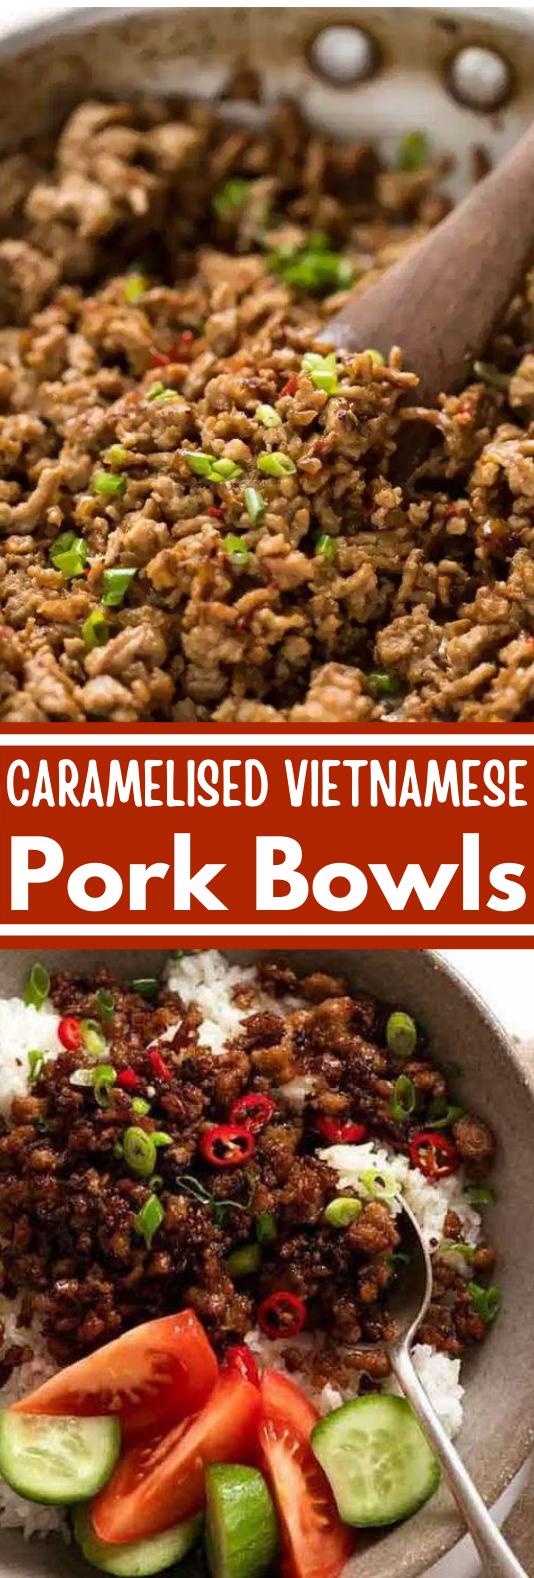 Vietnamese Caramelised Pork Bowls #dinner #easy #asian #recipe #lunch